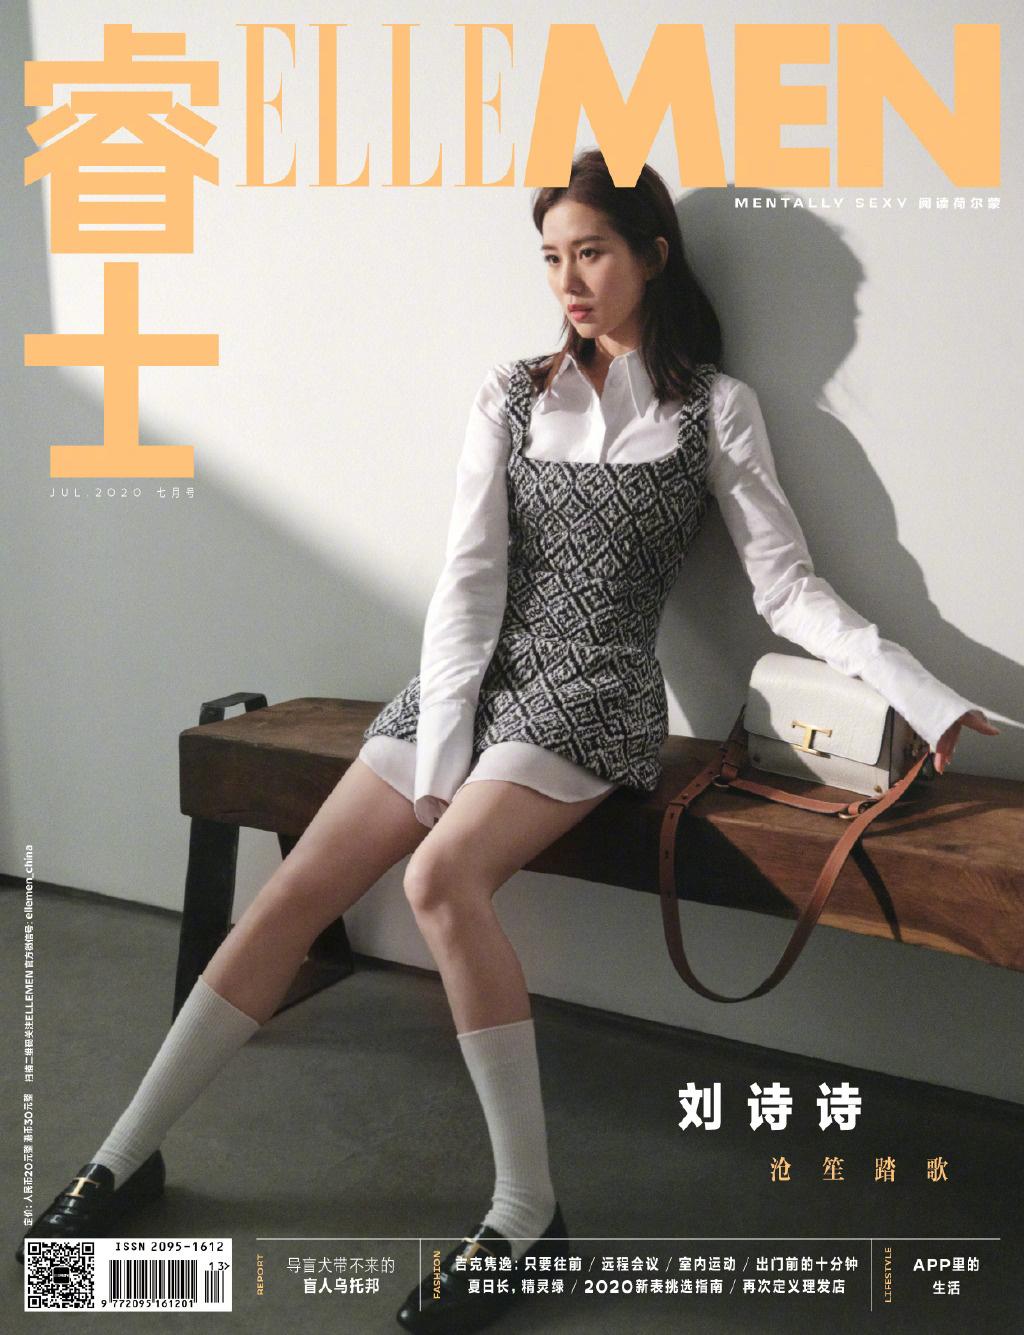 allbet欧博真人客户端:刘诗诗解锁第一本男刊封面 演绎简练文艺复古风